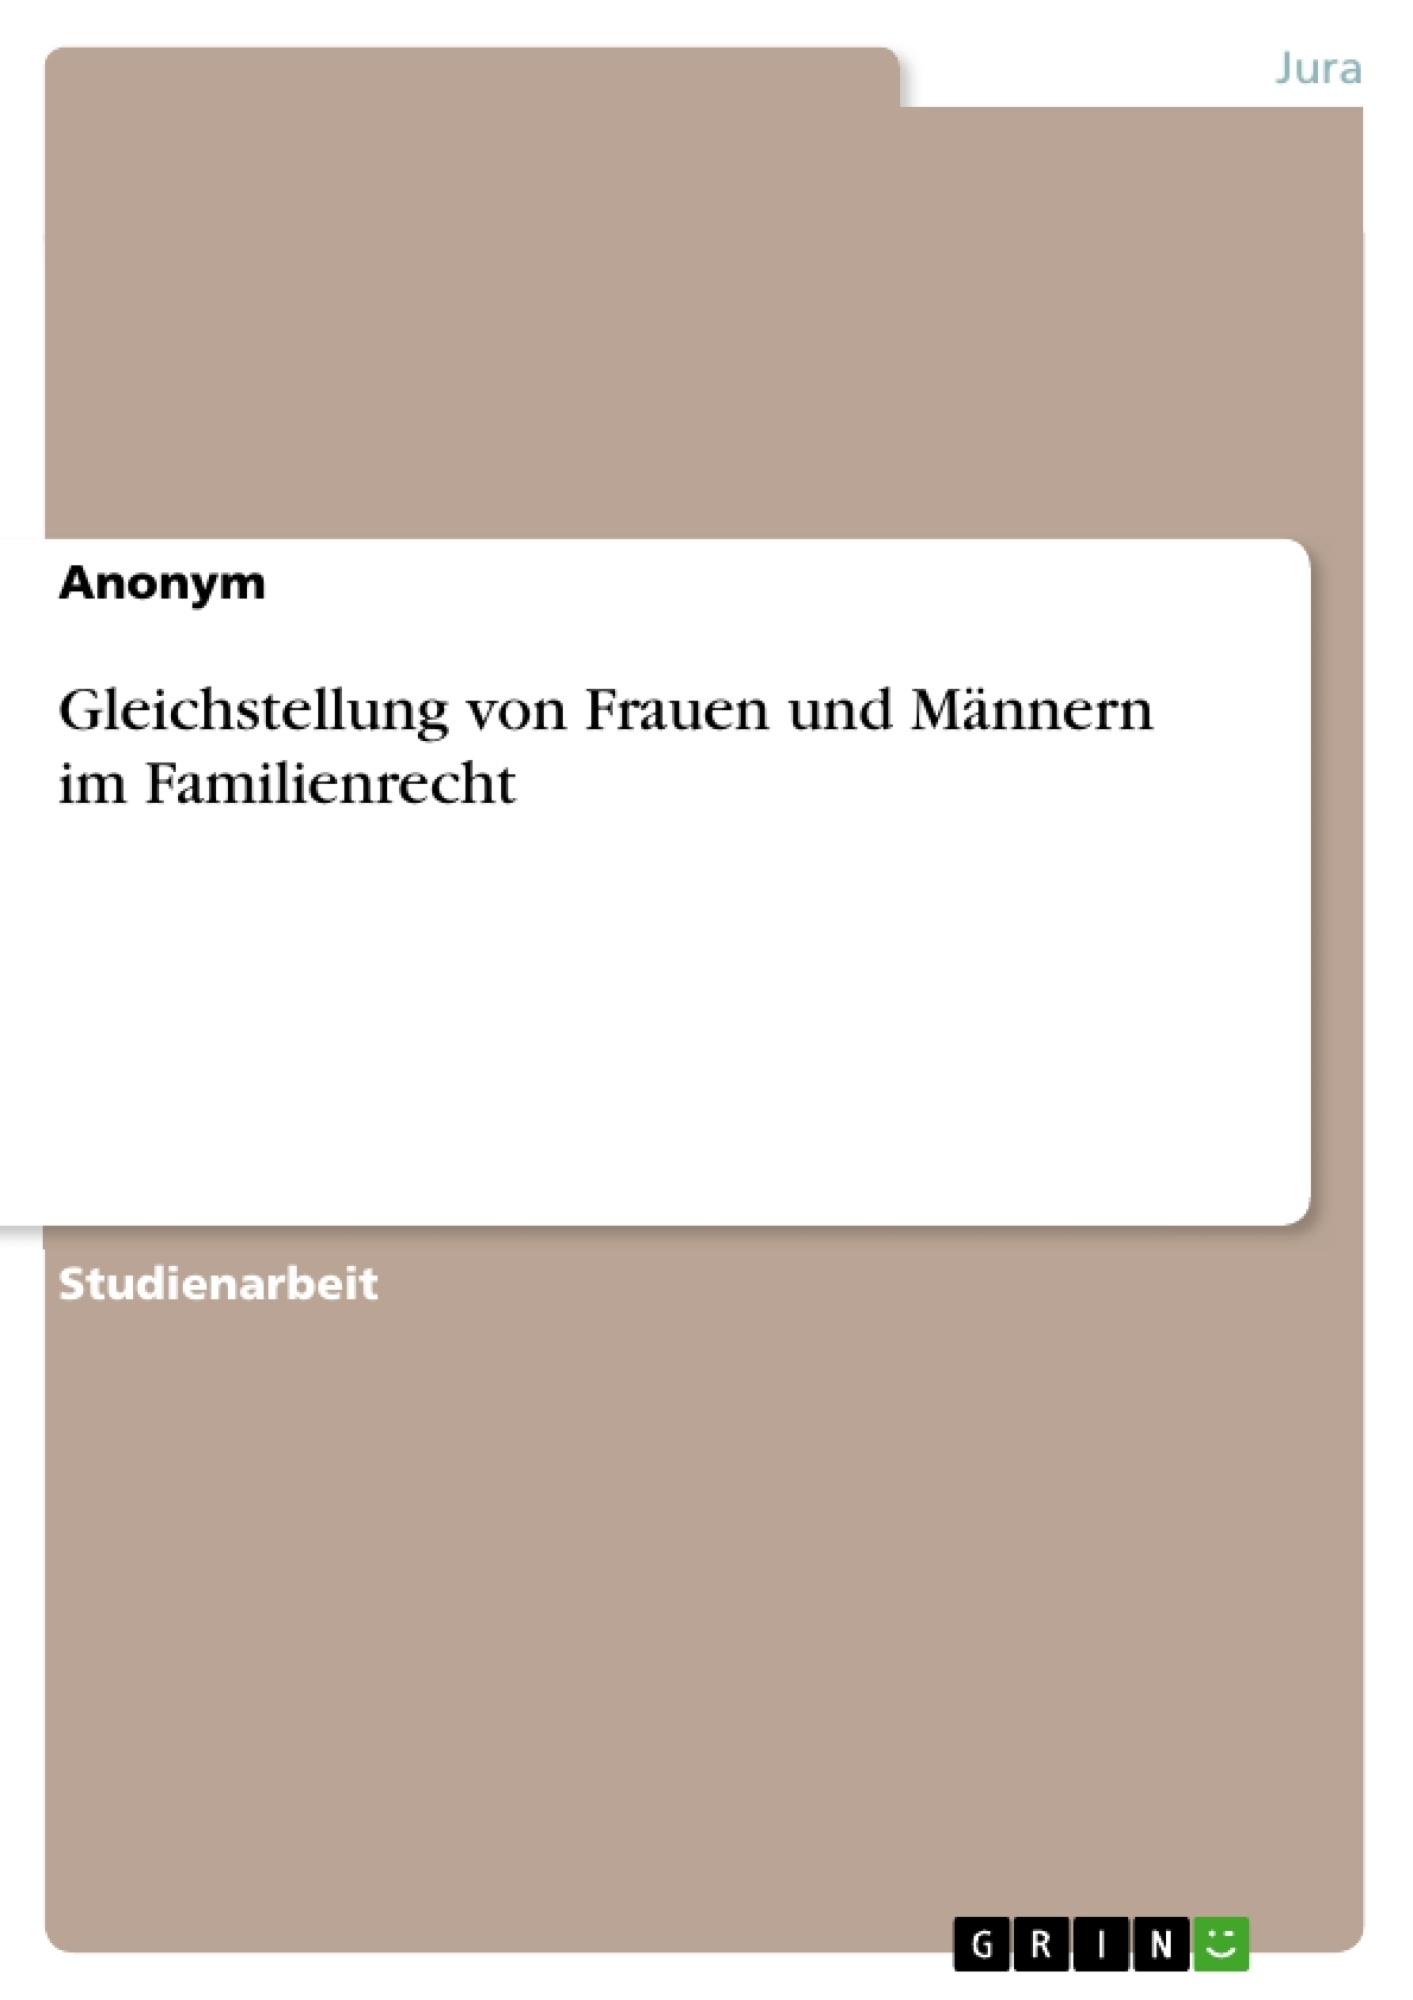 Titel: Gleichstellung von Frauen und Männern im Familienrecht